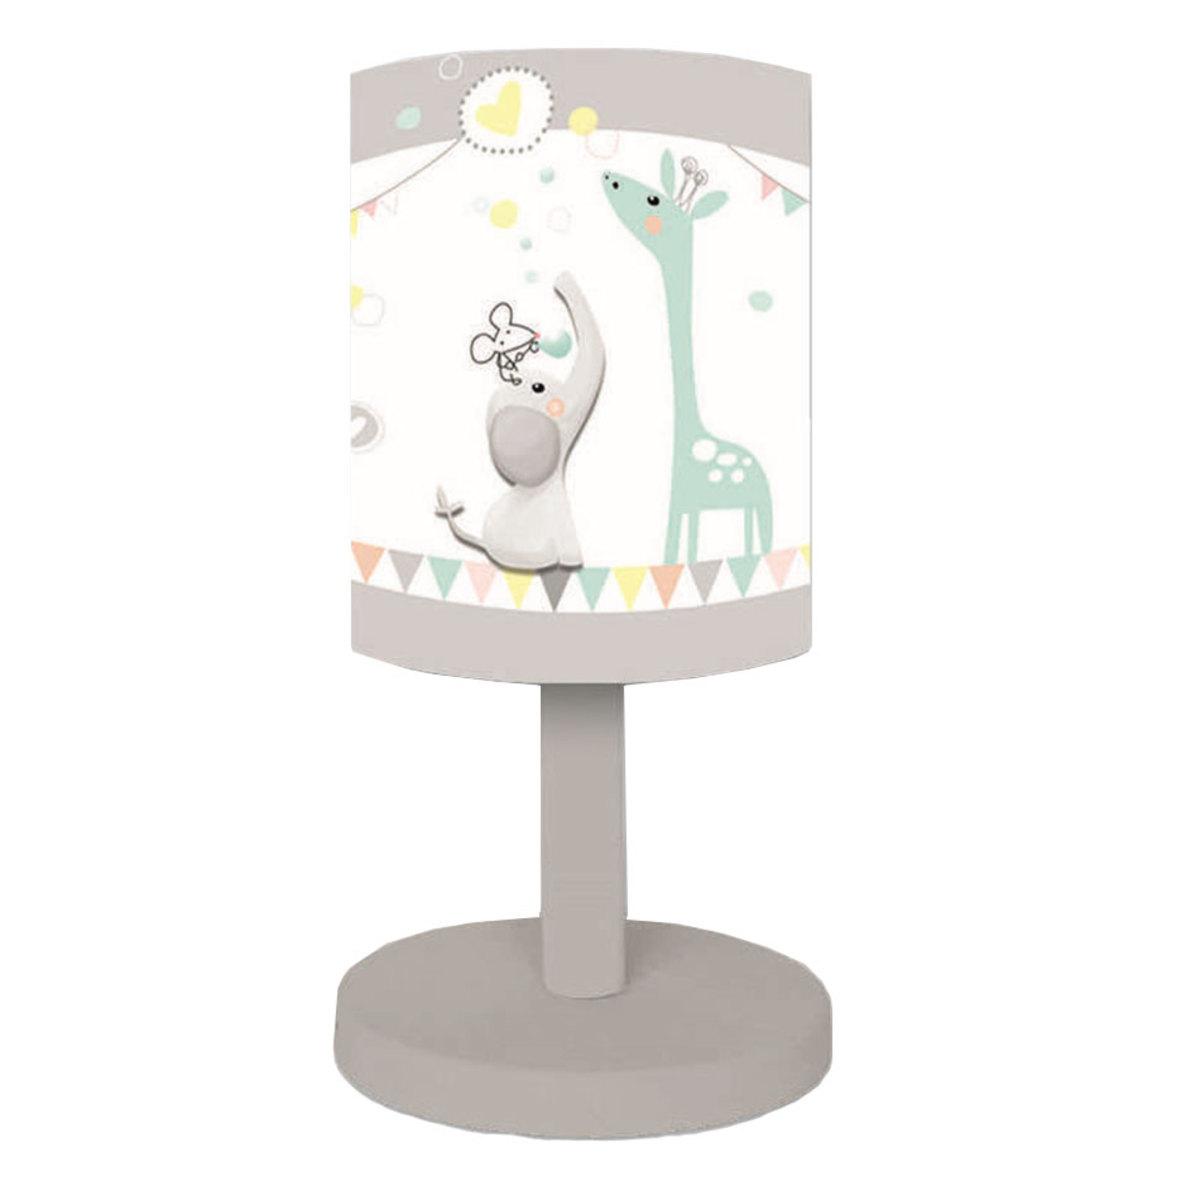 Lampe en bois bulles de bonheur t0112 achat vente lampe poser sur - Lampe a bulle ...